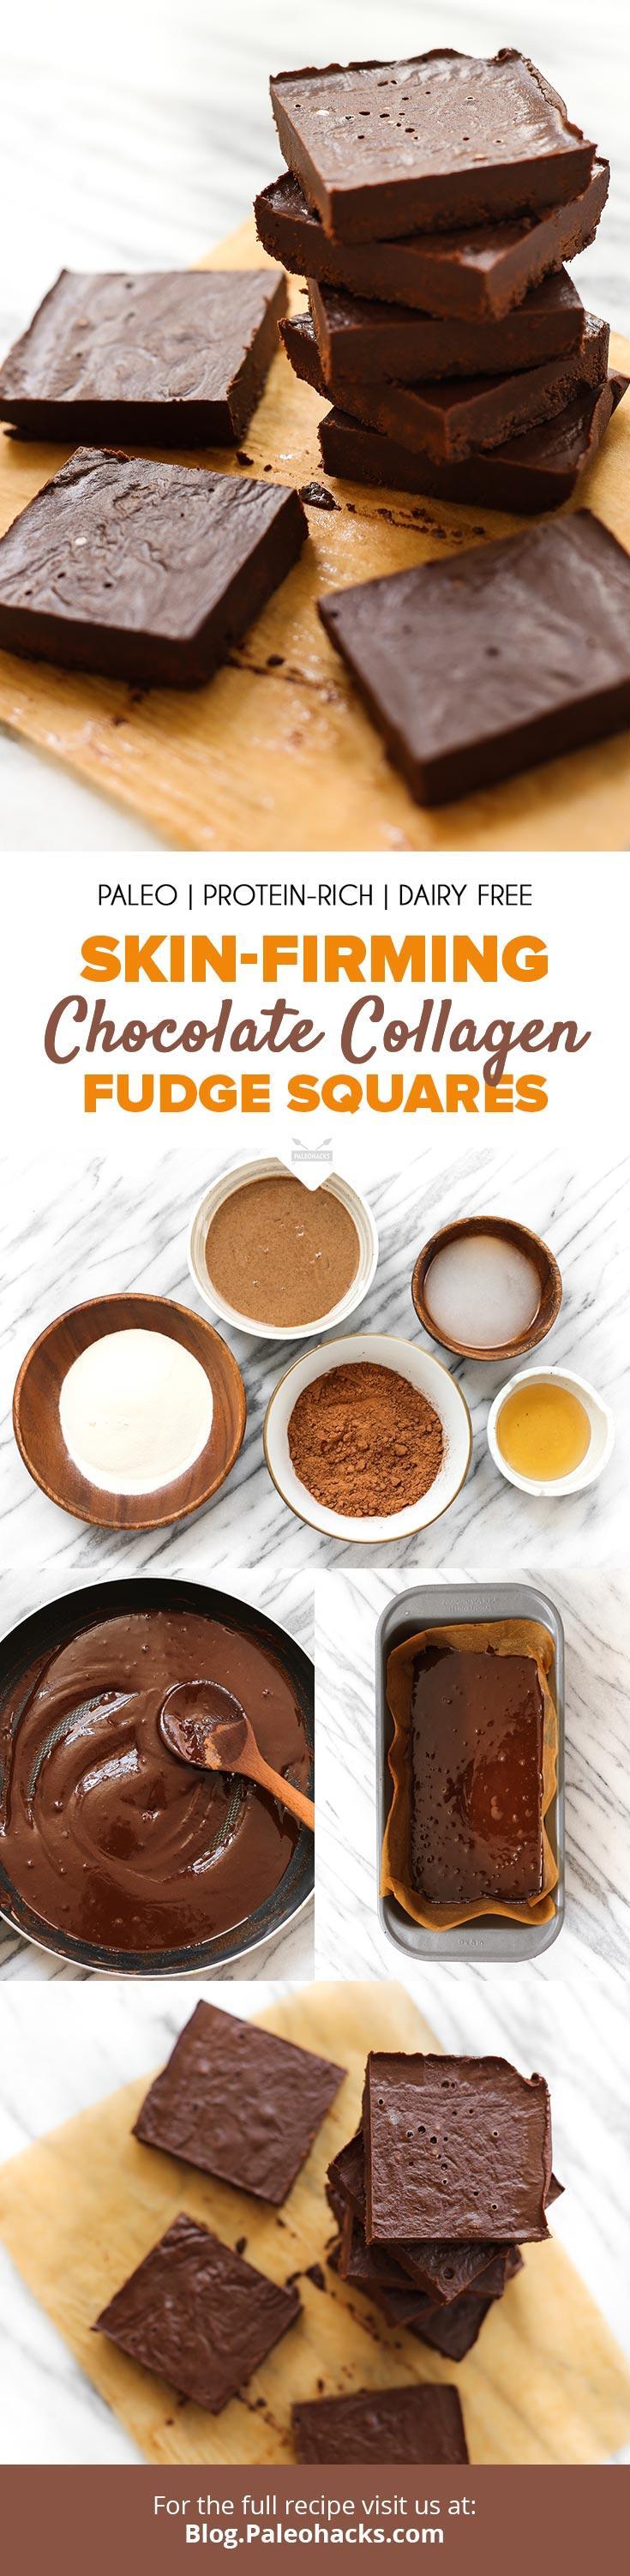 PIN-Skin-Firming-Chocolate-Collagen-Fudge-Squares.jpg